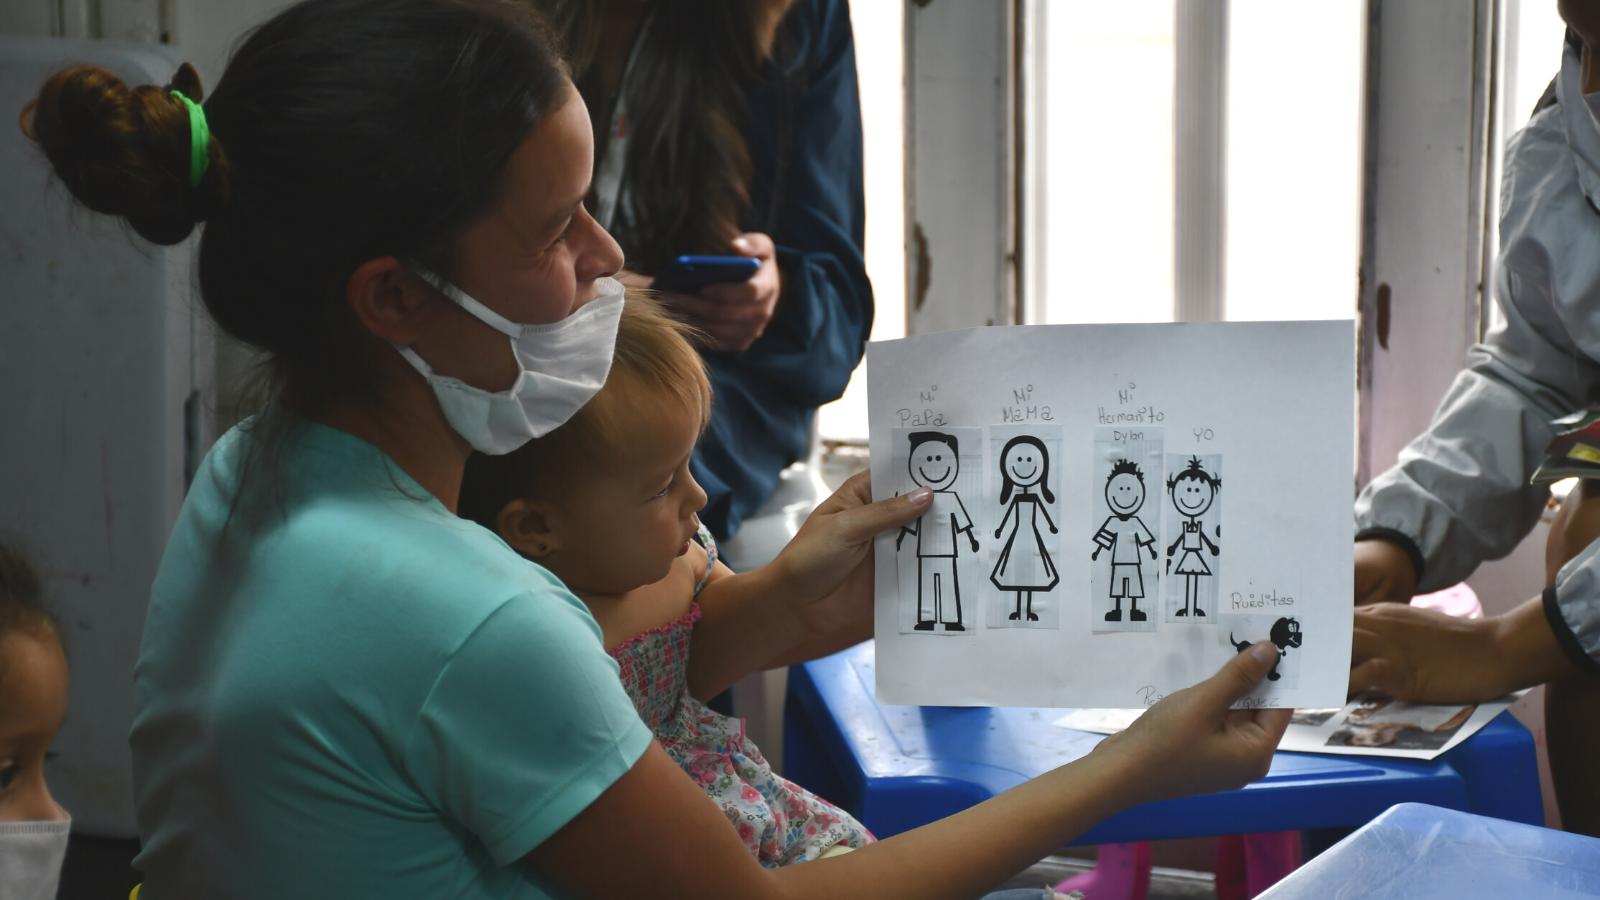 Hijos migrantes: el riesgo de apatridia no ha desaparecido en Colombia